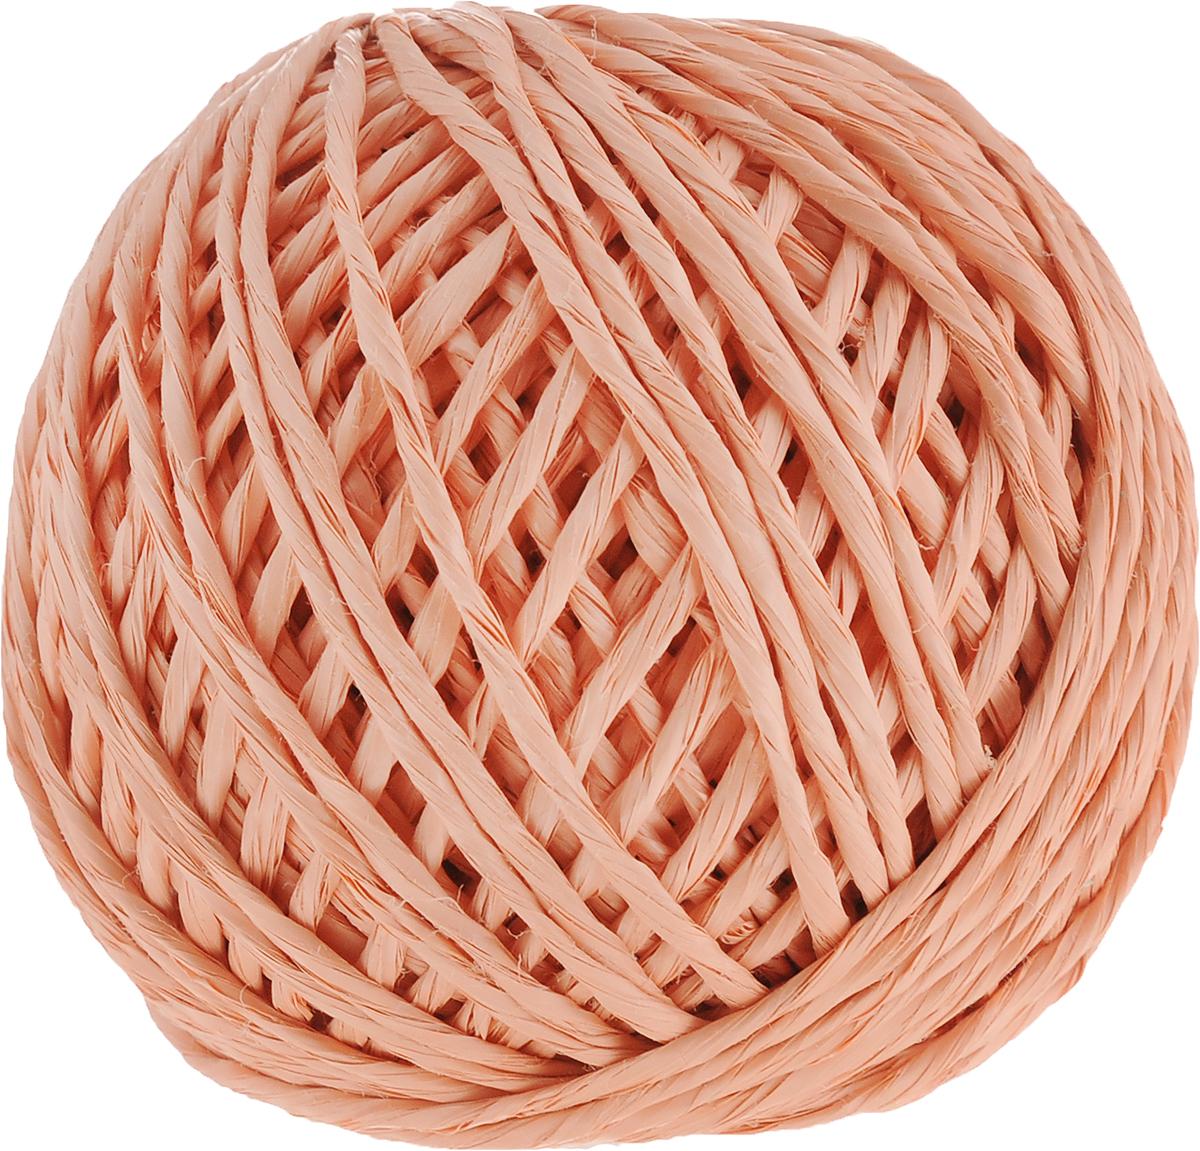 Шпагат Шнурком, цвет: персиковый, длина 60 мШпп_60_персиковыйПолипропиленовый шпагат Шнурком плотностью 1000 текс входит в категорию веревочнойпродукции, сырьем для которой являются синтетические волокна, в частности полипропиленоваянить. Данный материал характеризуется высокой прочностью и стойкостью к износу. Кроме того,он эластичен, гибок, не боится многократных изгибов, плотно облегает изделие при обвязке илегко завязывается в крепкие узлы.Относительная удельная плотность полипропиленовых шпагатов варьируется от 0,70 до 0,91кг/м3.Температура плавления от 150 до 170°C (в зависимости от вида и модели шпагата).Удлинение под предельной нагрузкой (18-20%). Длина шпагата: 60 м.Толщина нити: 2 мм.Линейная плотность шпагата: 1000 текс.